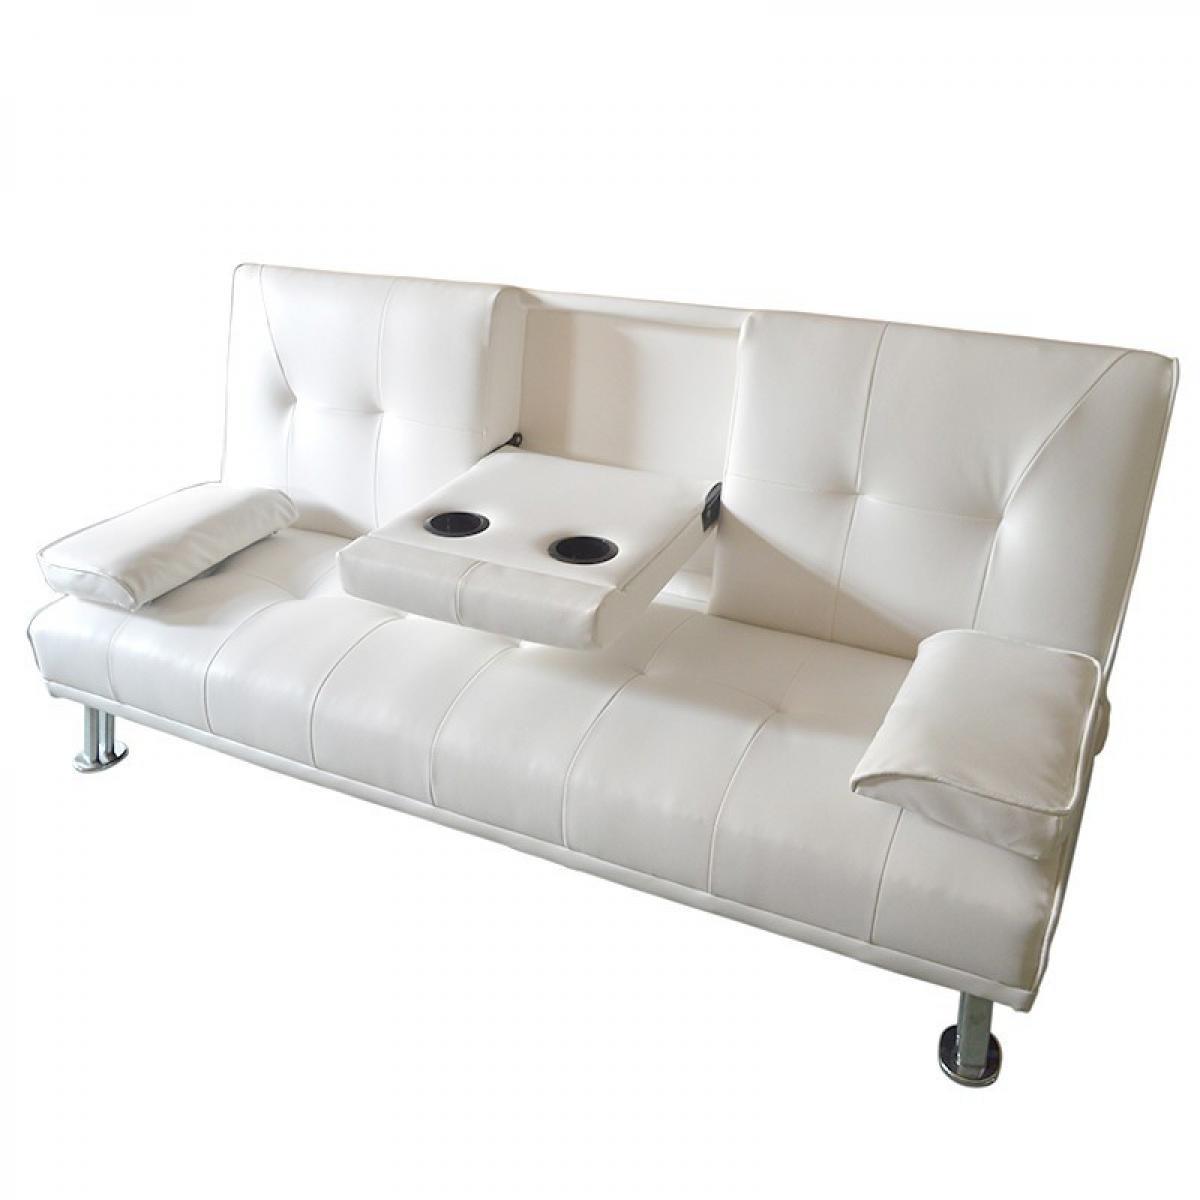 Meubler Design CANAPÉ CONVERTIBLE CLIC CLAC CANBAR - Blanc